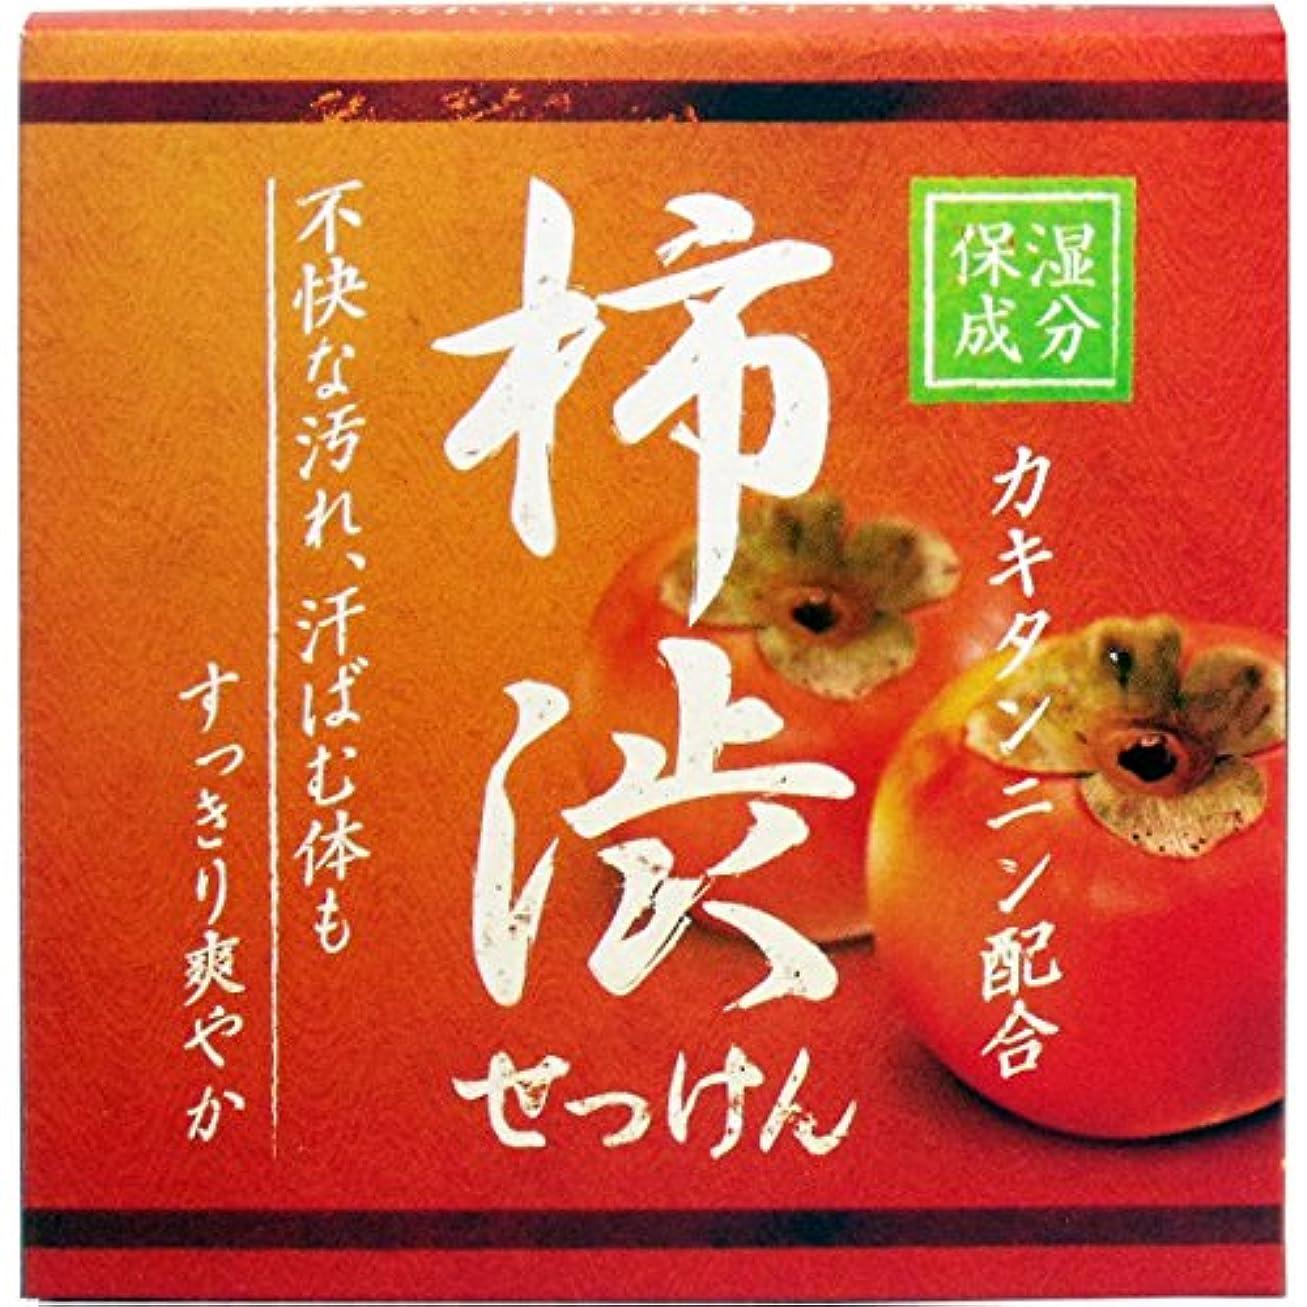 曲雑多なあごクロバーコーポレーション 柿渋配合石けん 石鹸 セッケン せっけん HYA-SKA 80g×3